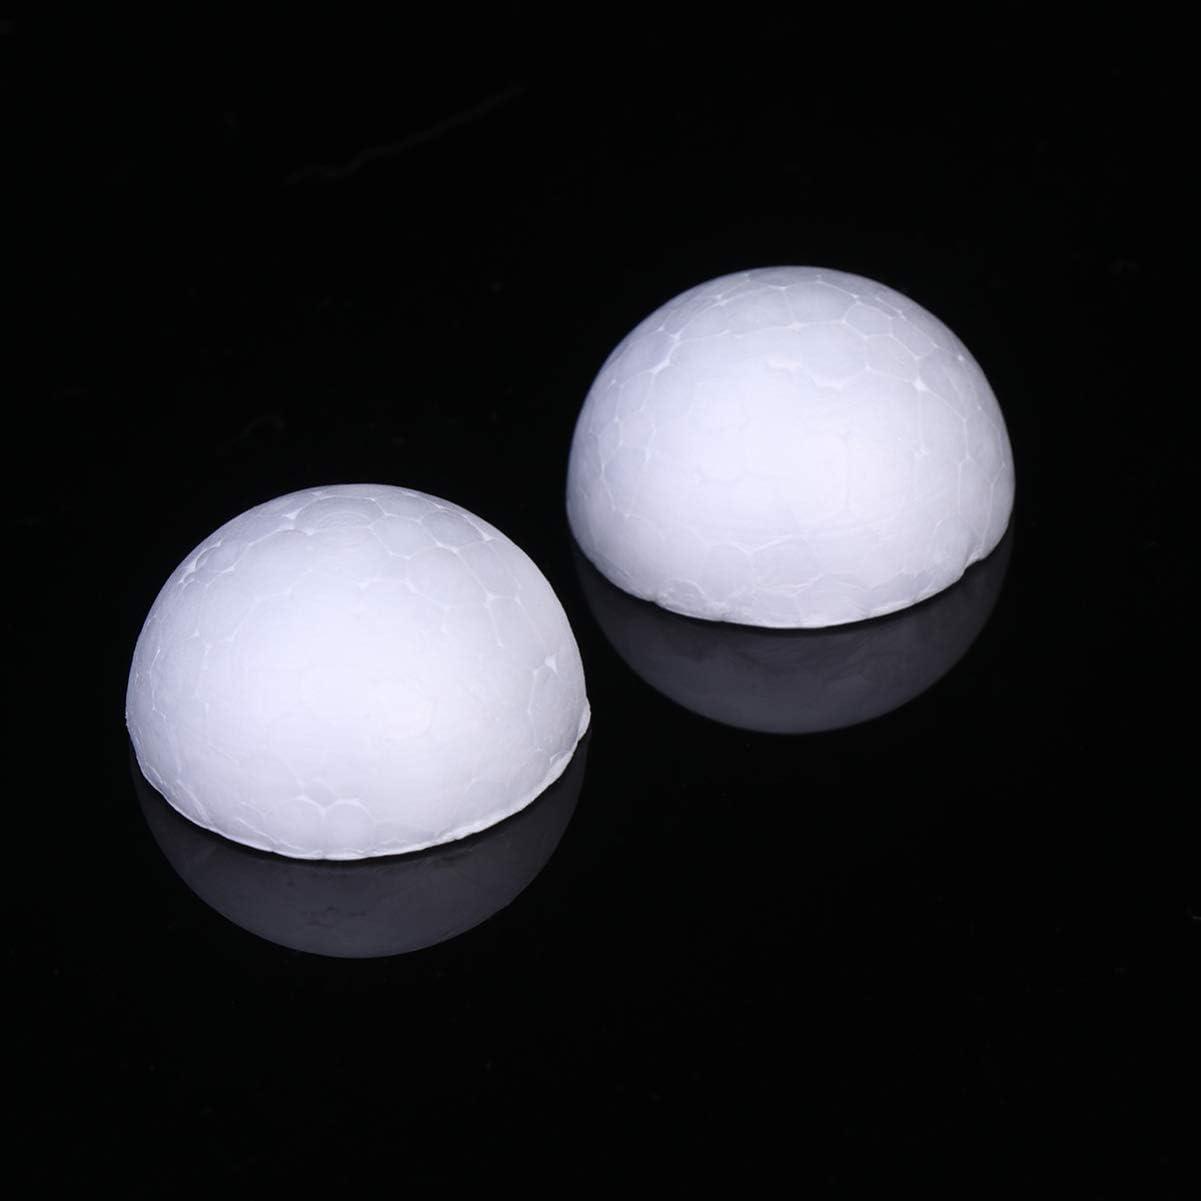 SUPVOX 200 piezas de bolas de espuma de poliestireno de espuma semicircular para bodas manualidades de bricolaje y regalos de fiesta de modelado regalos de 3 cm